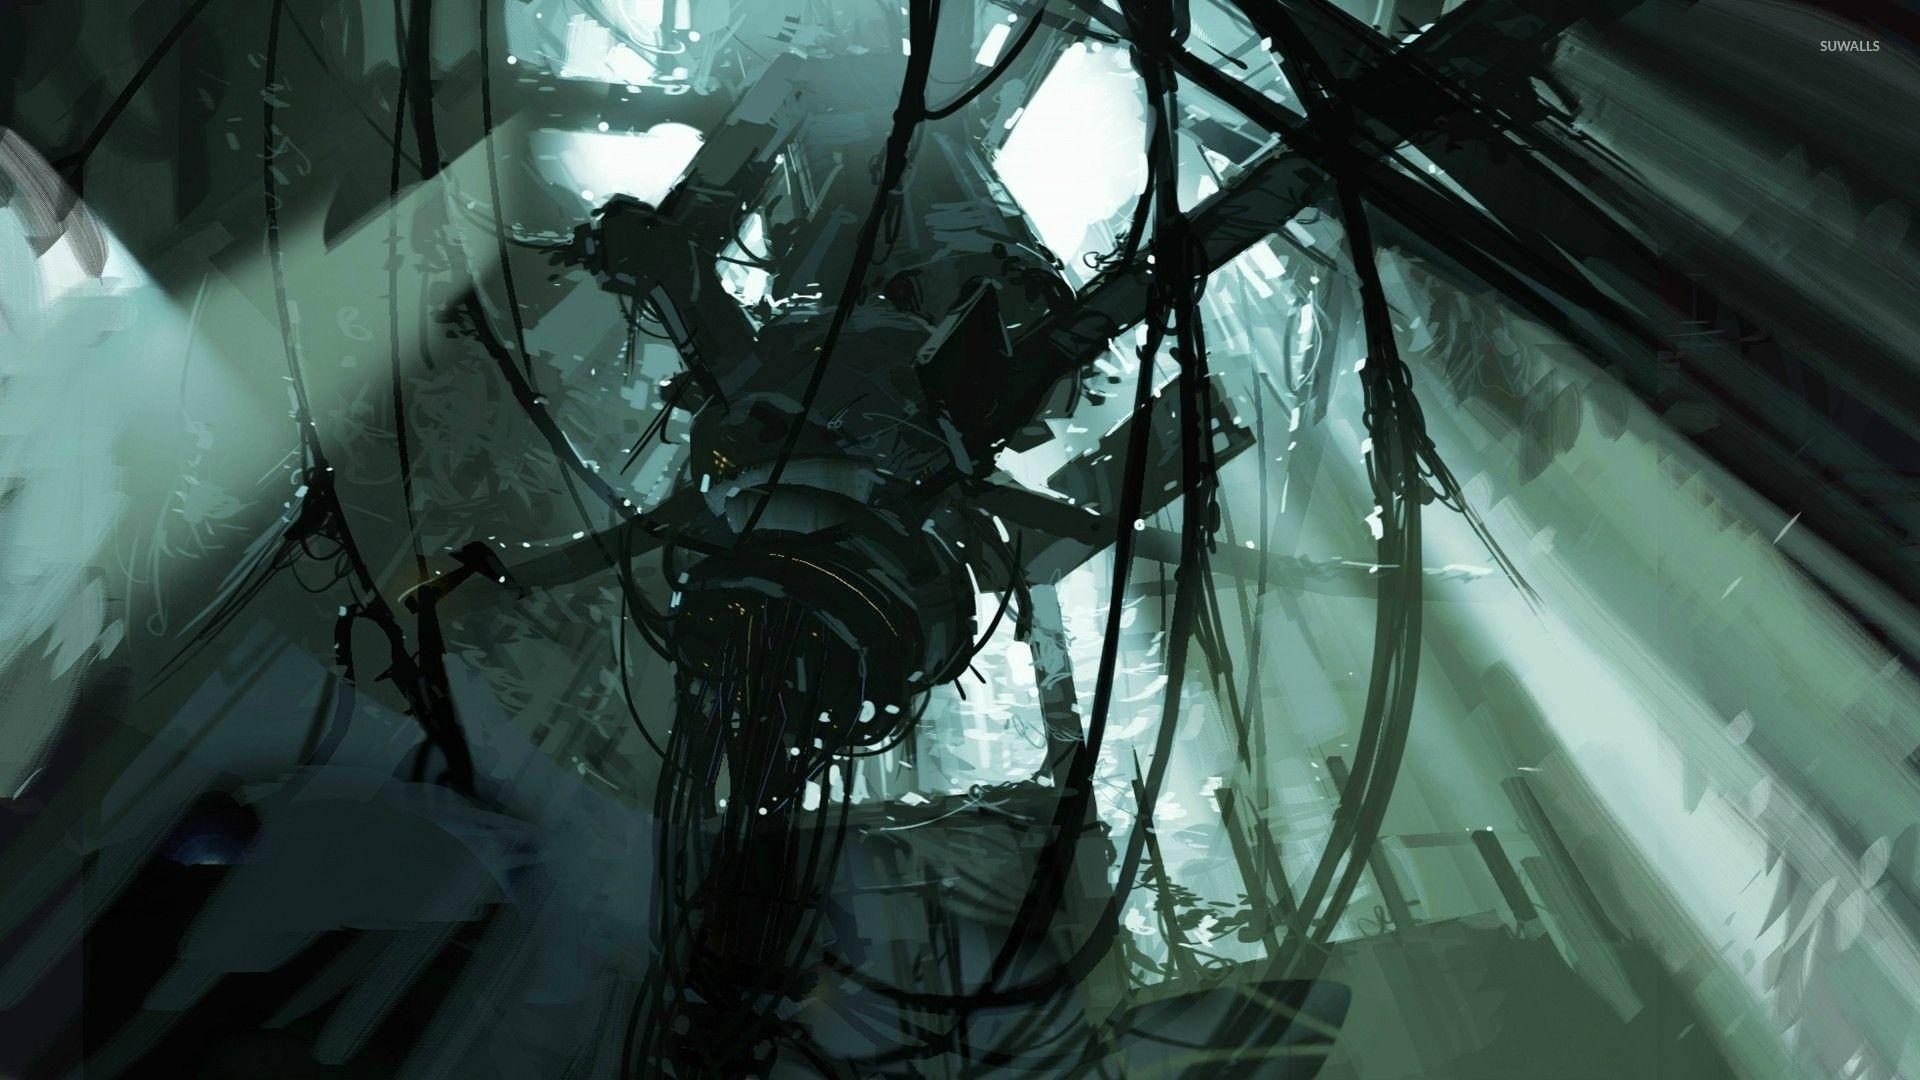 Portal 2 [9] wallpaper jpg